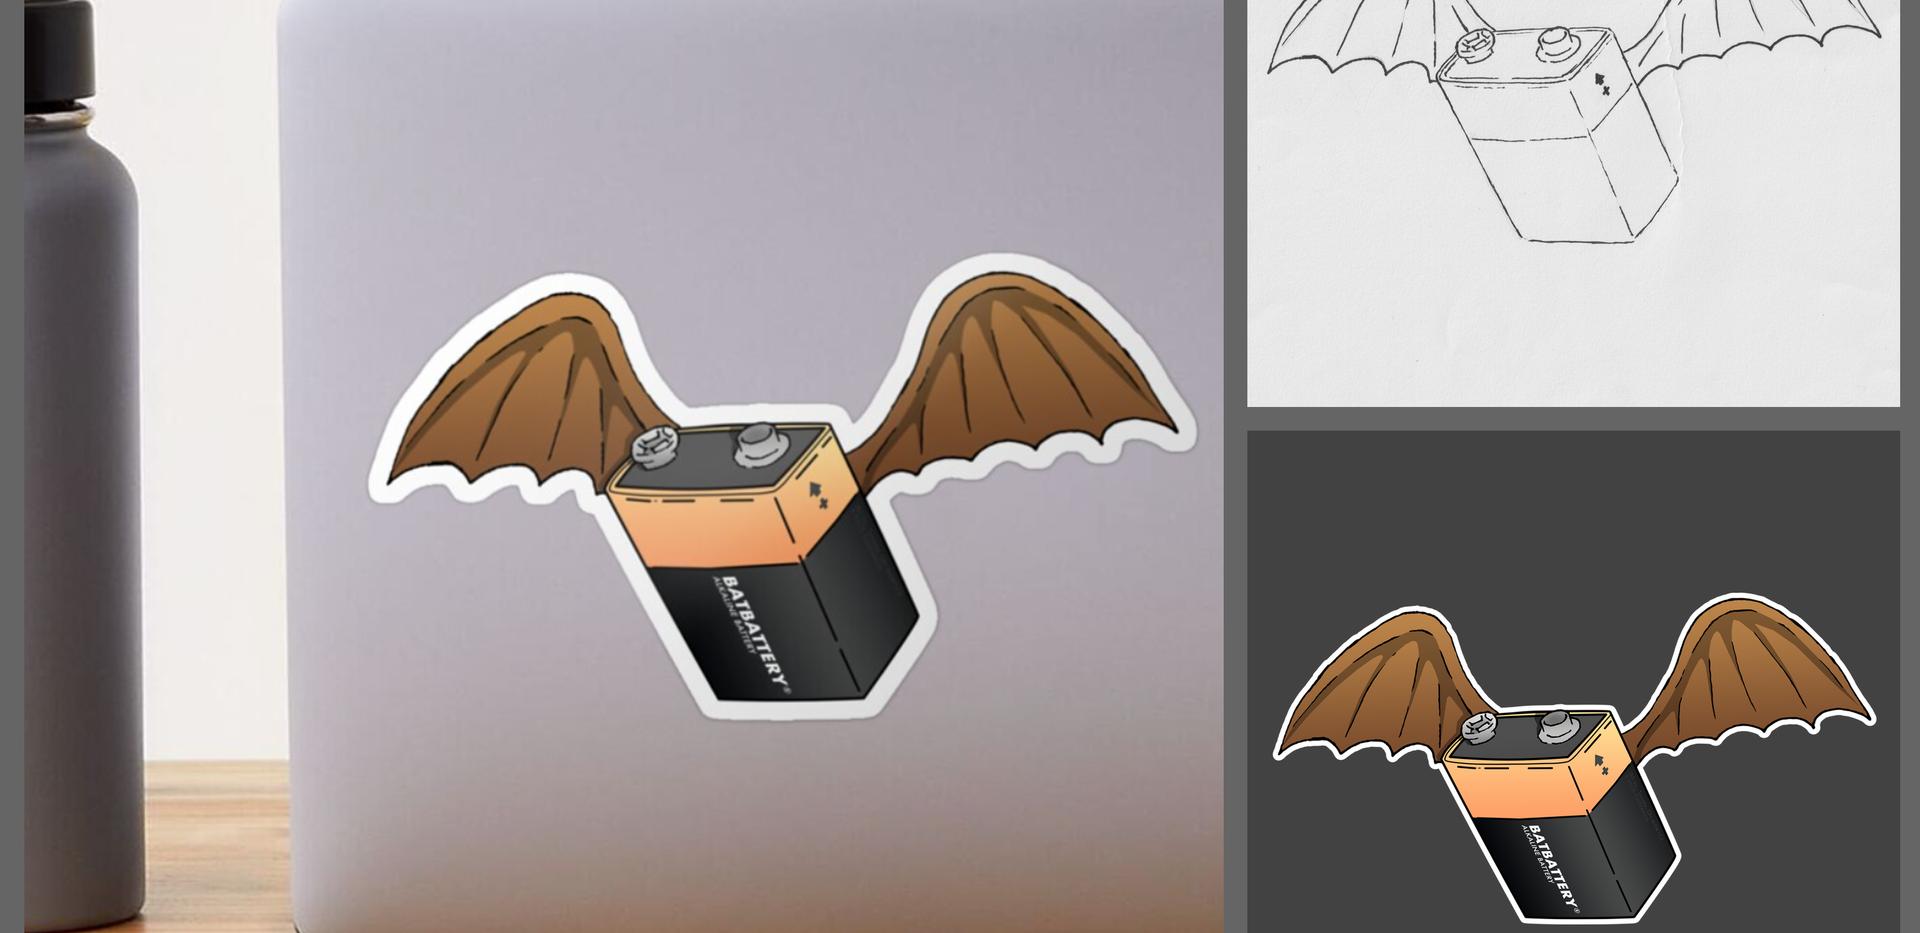 BatBattery (Sticker)